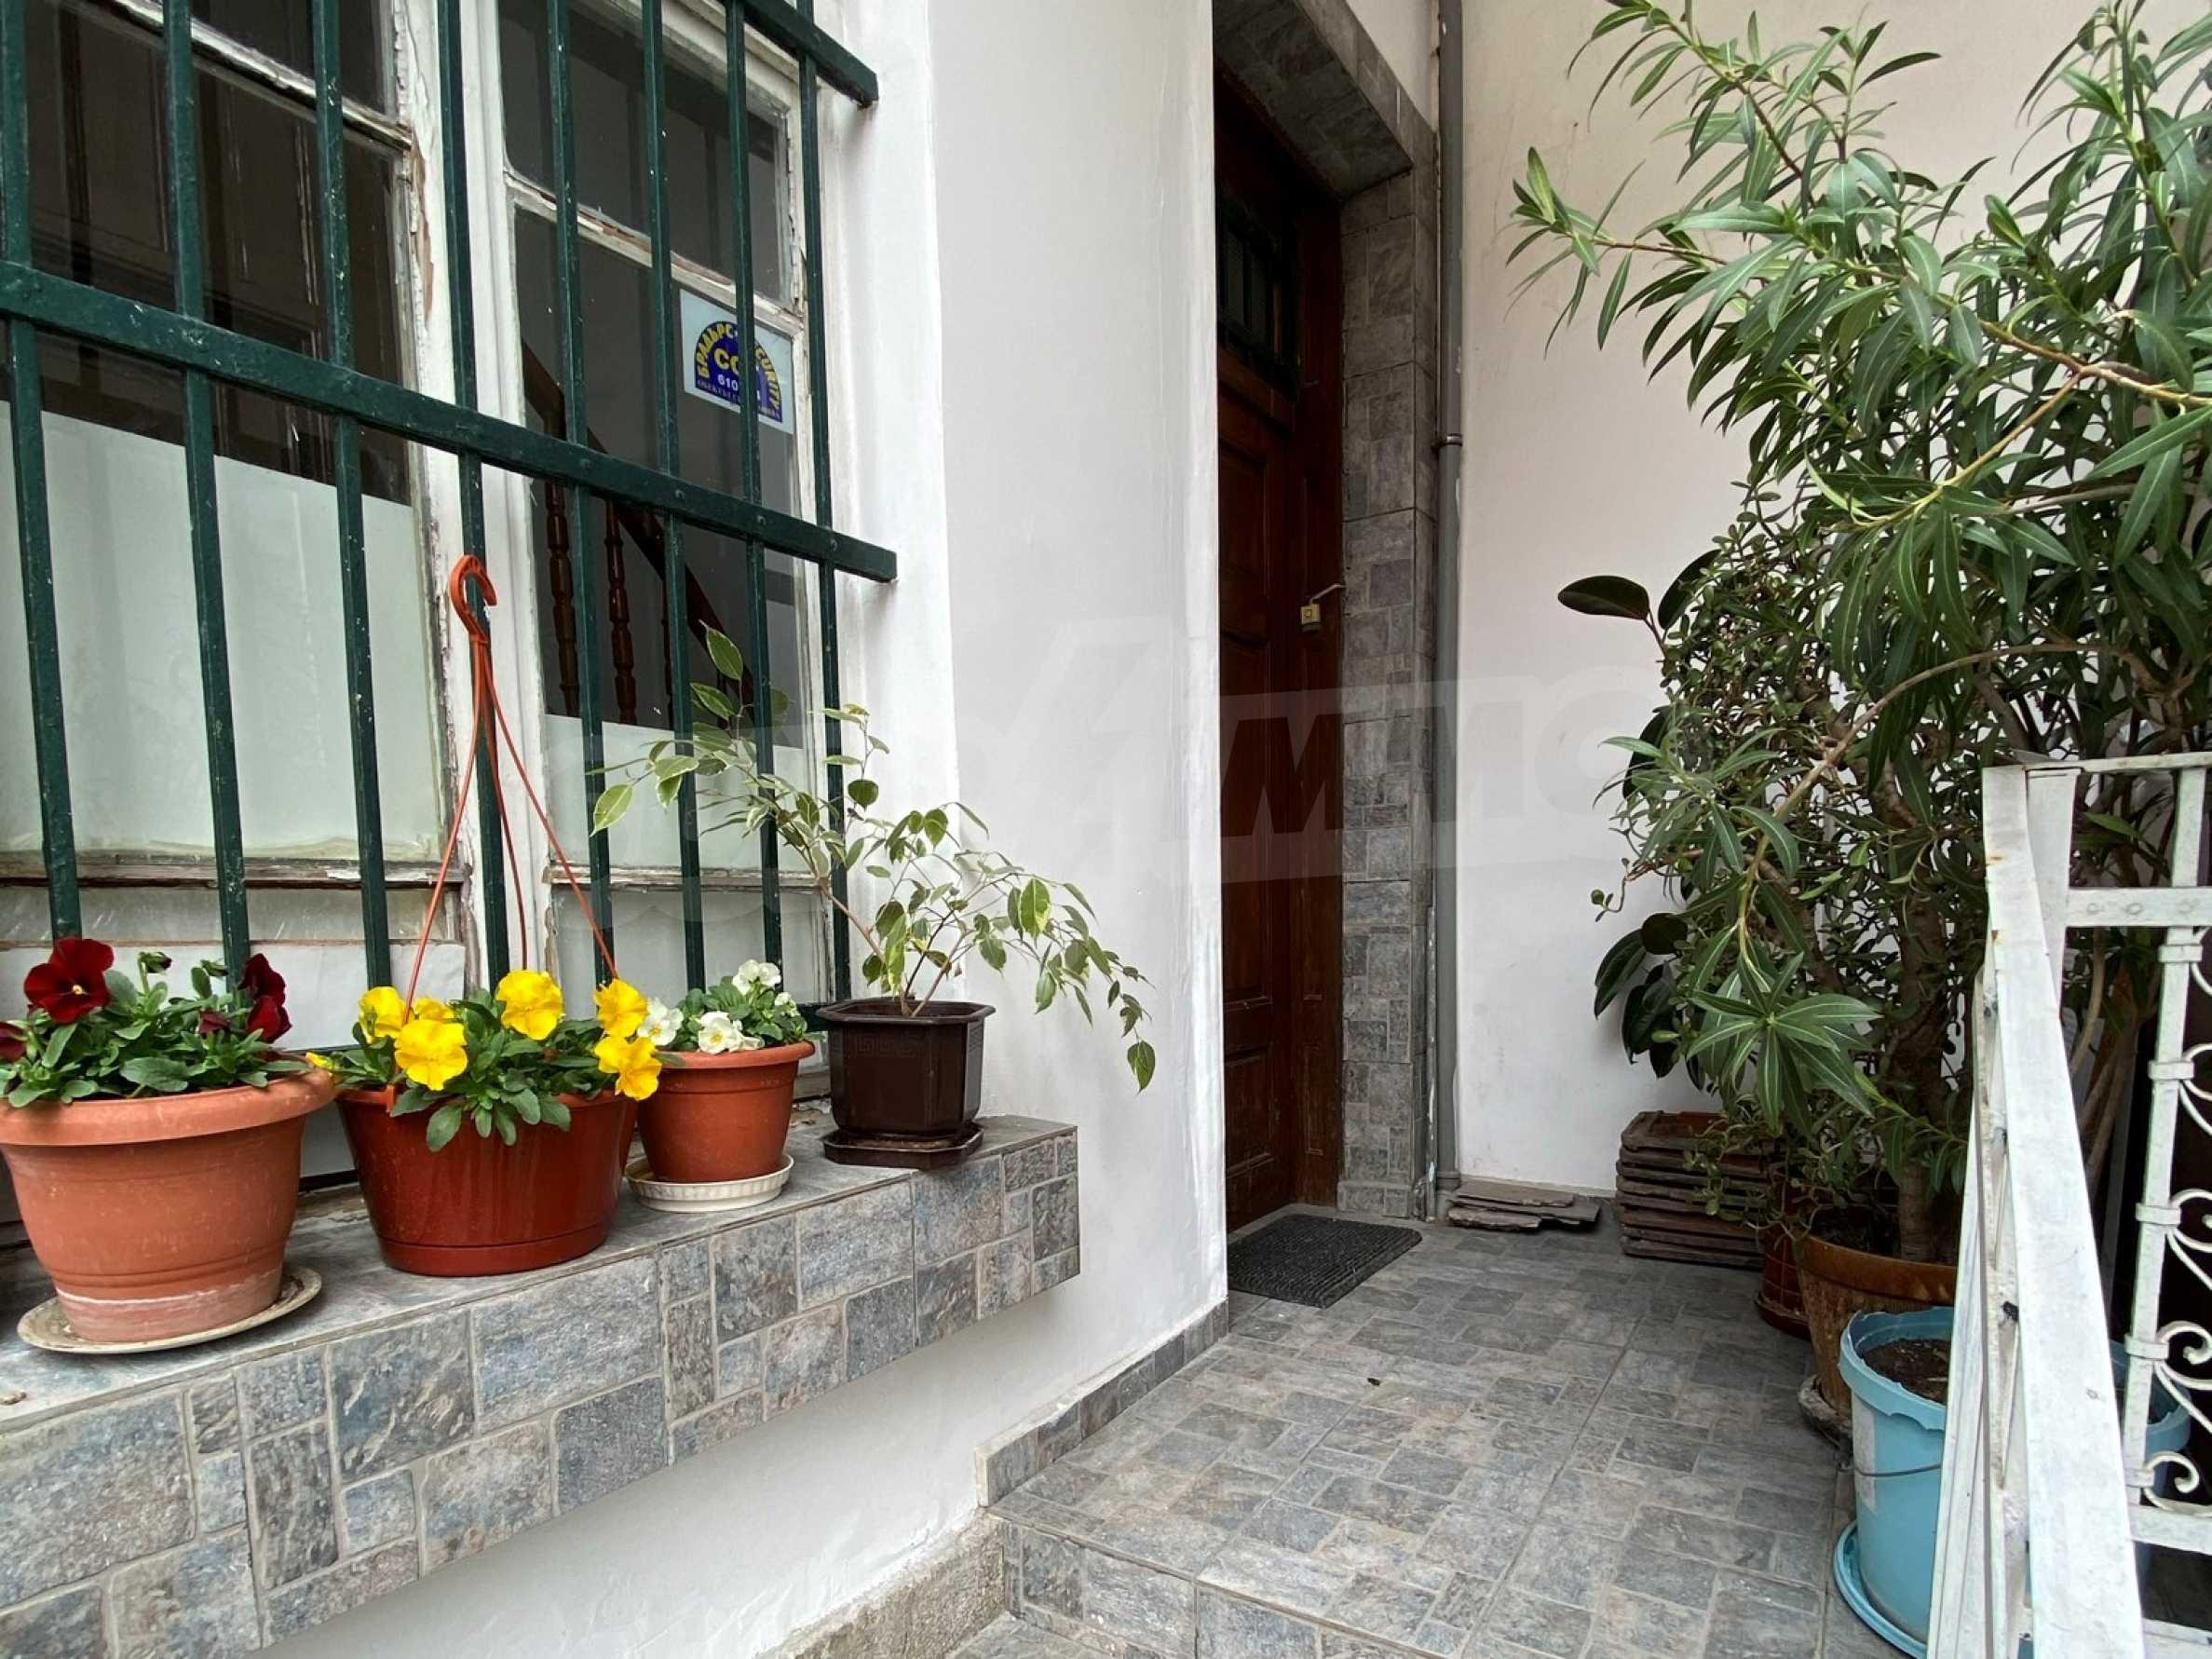 Етаж от жилищна сграда с аристократична визия в близост до главна улица 5